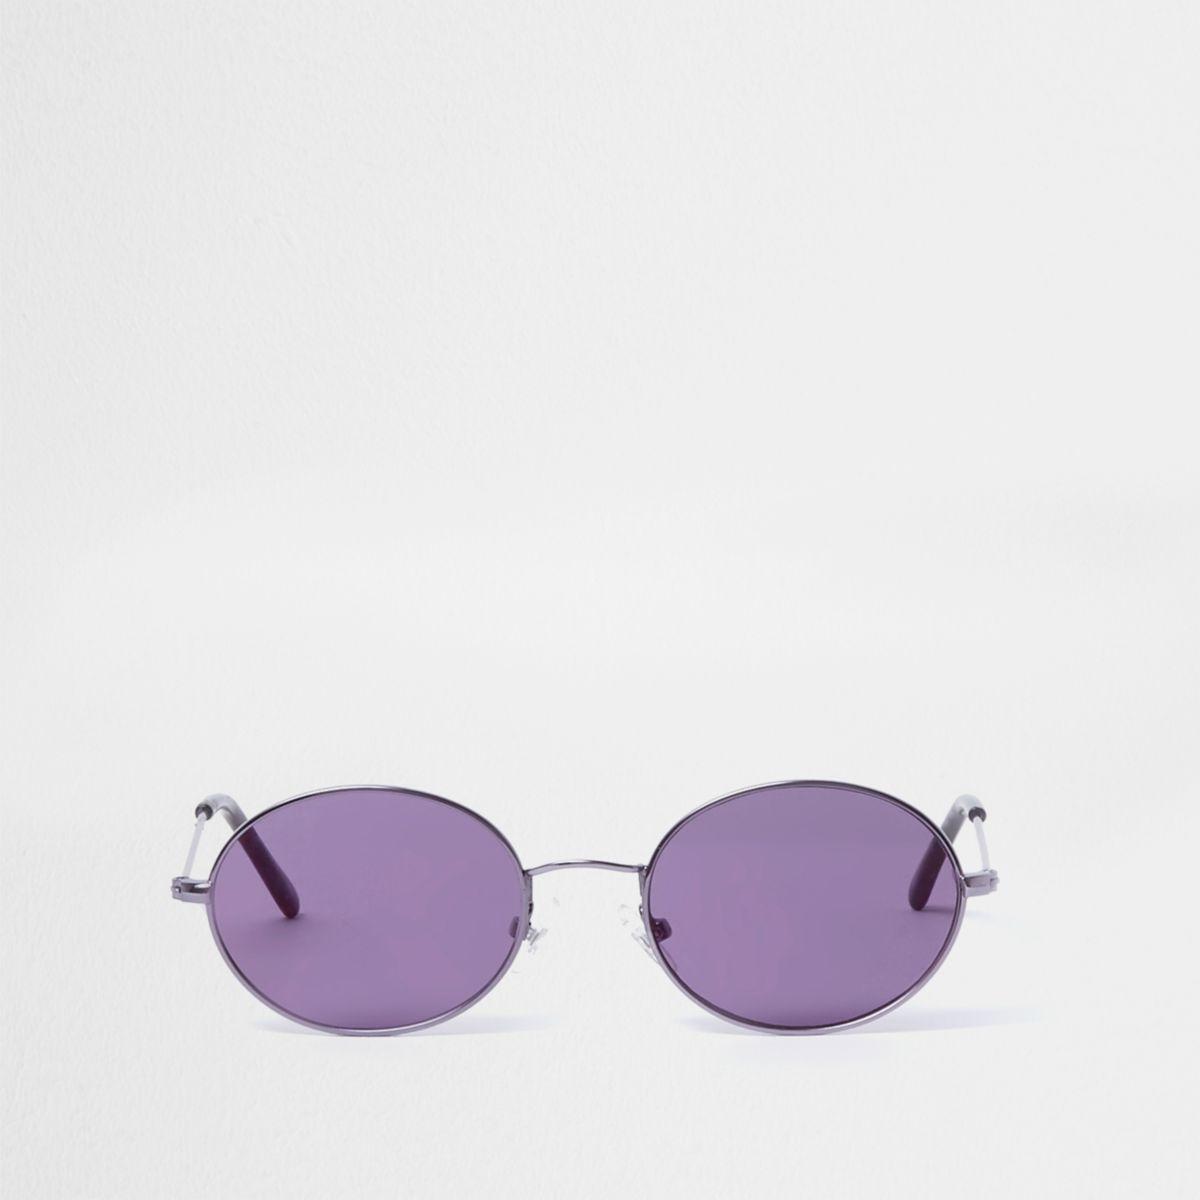 Ovale Retro-Sonnenbrille in Lila